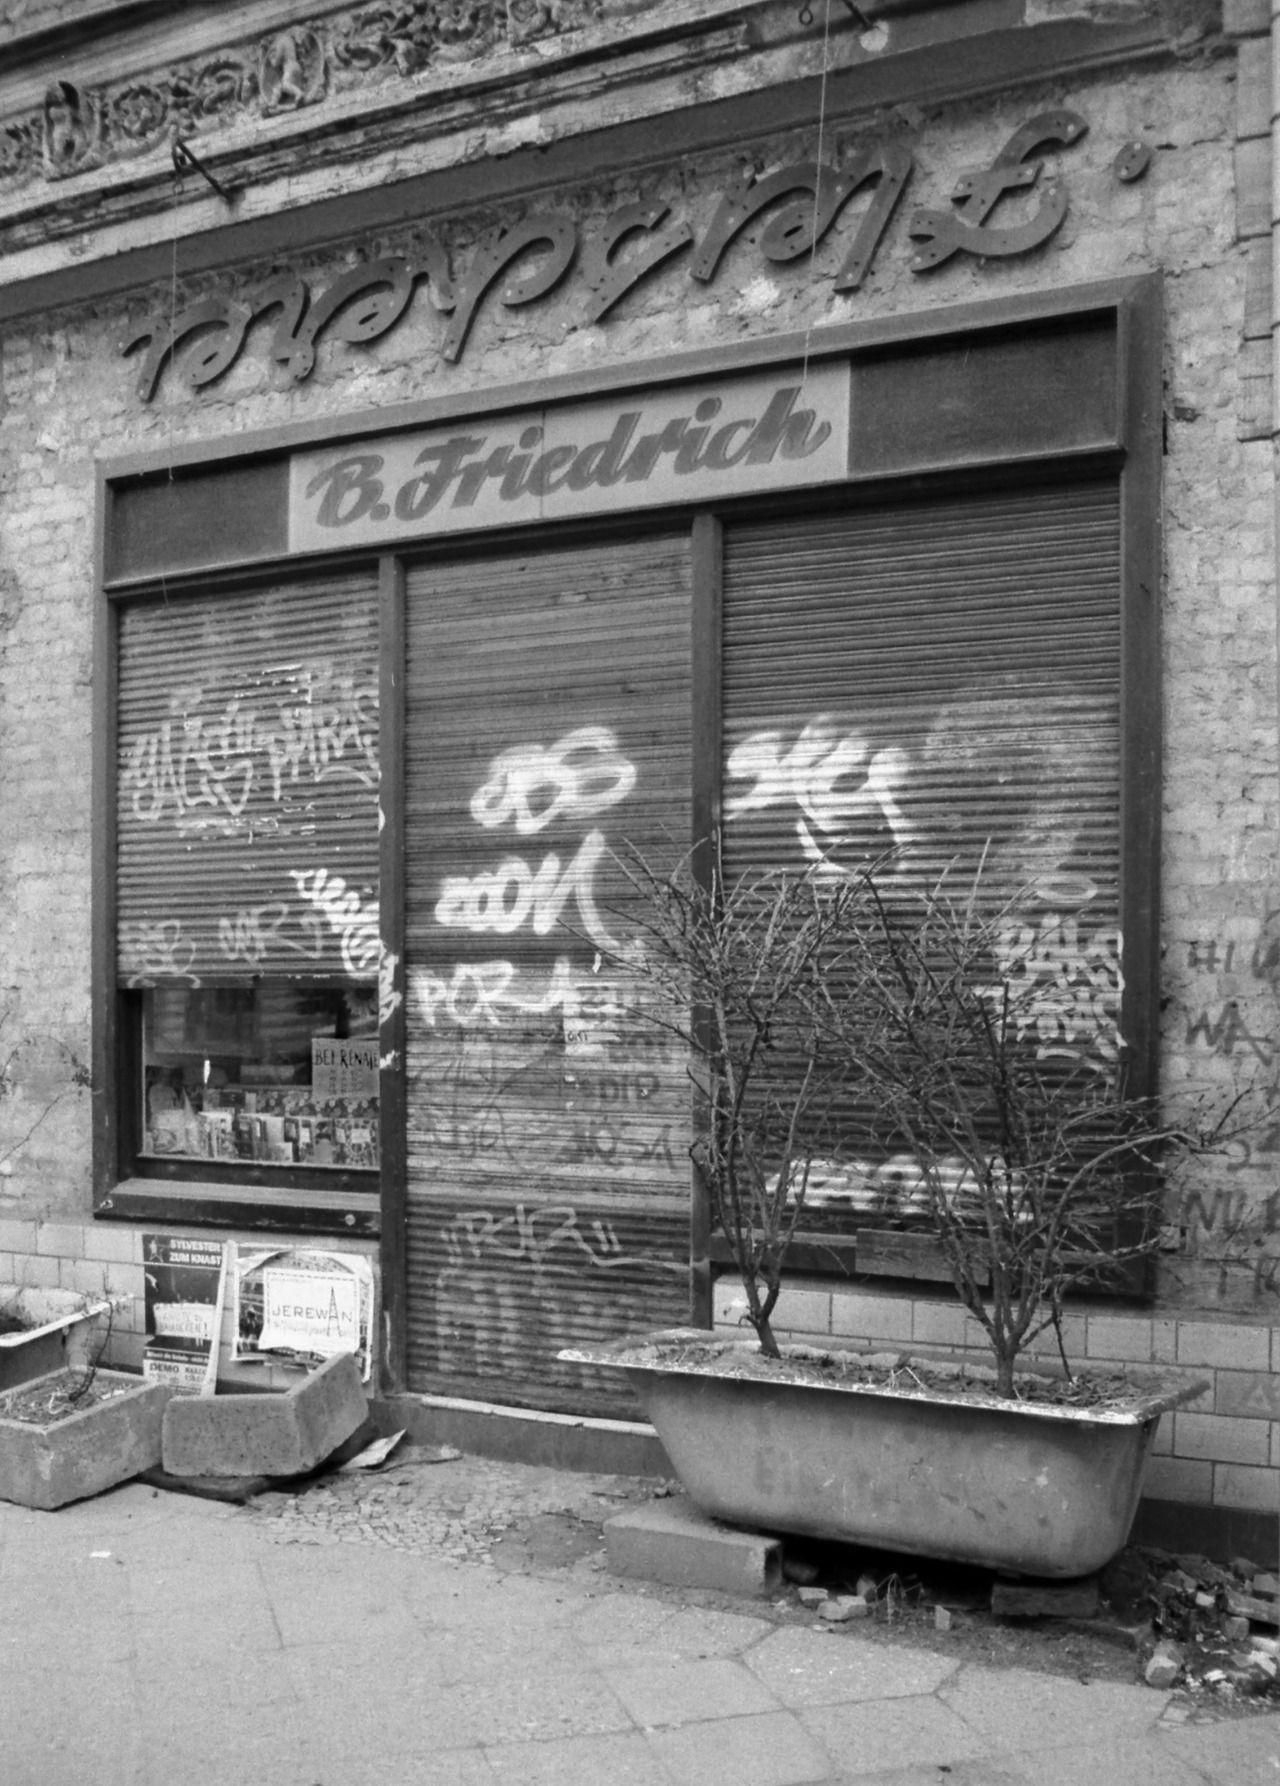 """Tucholskystraße in Mitte, 1996 Die Comicbibliothek Renate mit dem kopfstehenden Schriftzug """"Fleischerei"""". Das Haus wurde von 1998-2002 saniert, der Schriftzug verschwand, aber die Bibliothek ist noch da. The comic library Renate with the advertising inscription 'Fleischerei' (butcher shop) upside down. The building was renovated from 1998-2002, the inscription disappeared, but the library is still there."""